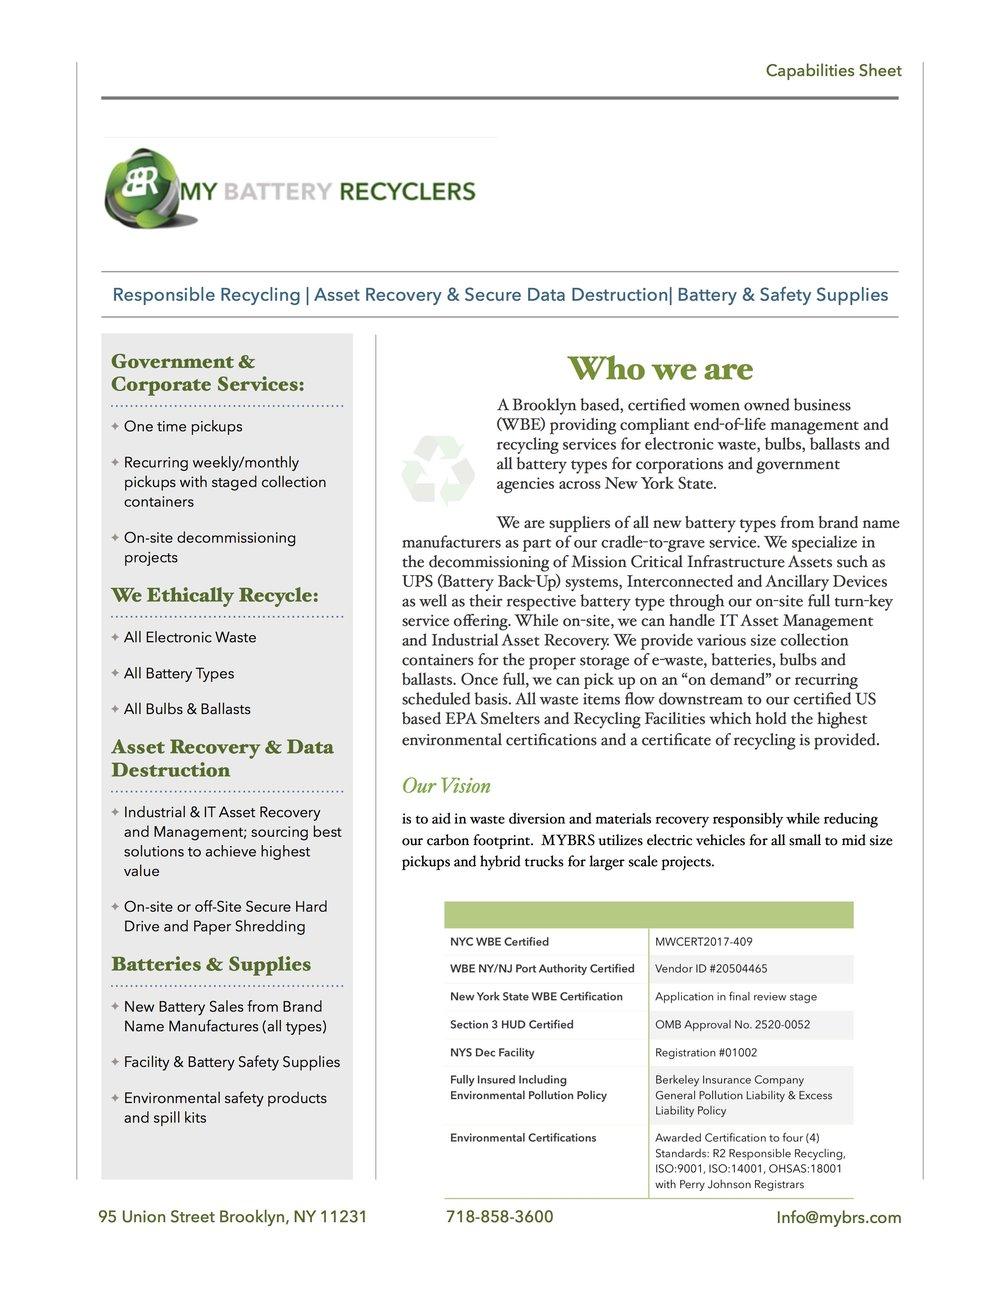 MYBRS Capabilities Sheet copy.jpg